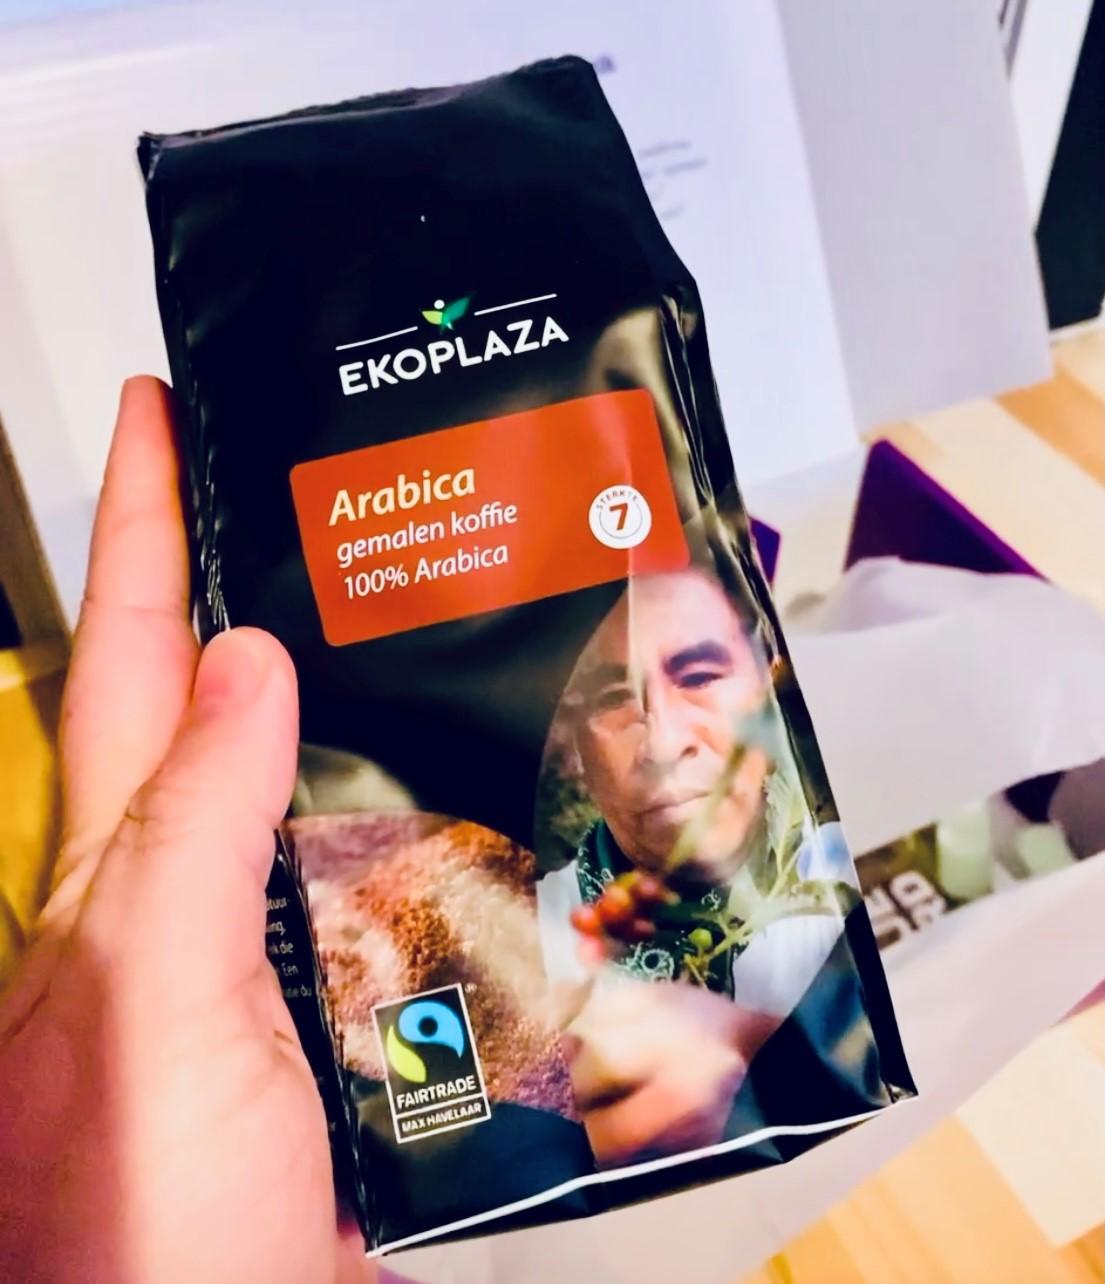 Ekoplaza - Arabic snelfilterkoffie